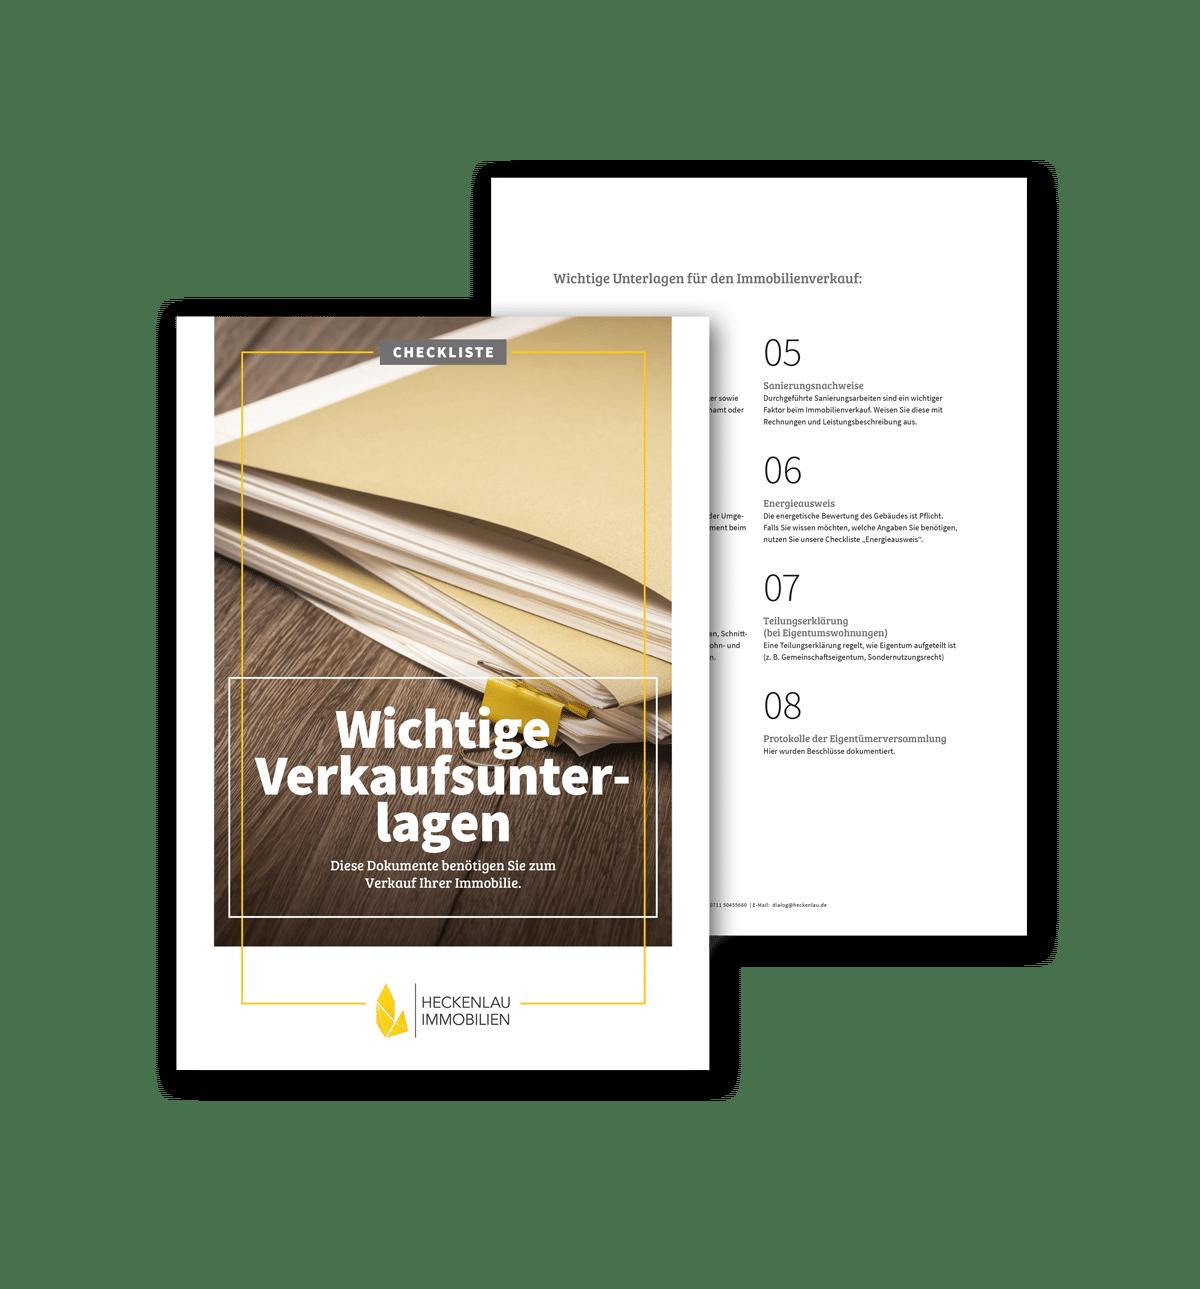 Unterlagen für den Immobilienverkauf - Checkliste von Heckenlau Immobilien - Makler für den Verkauf von Wohnimmobilien in Stuttgart